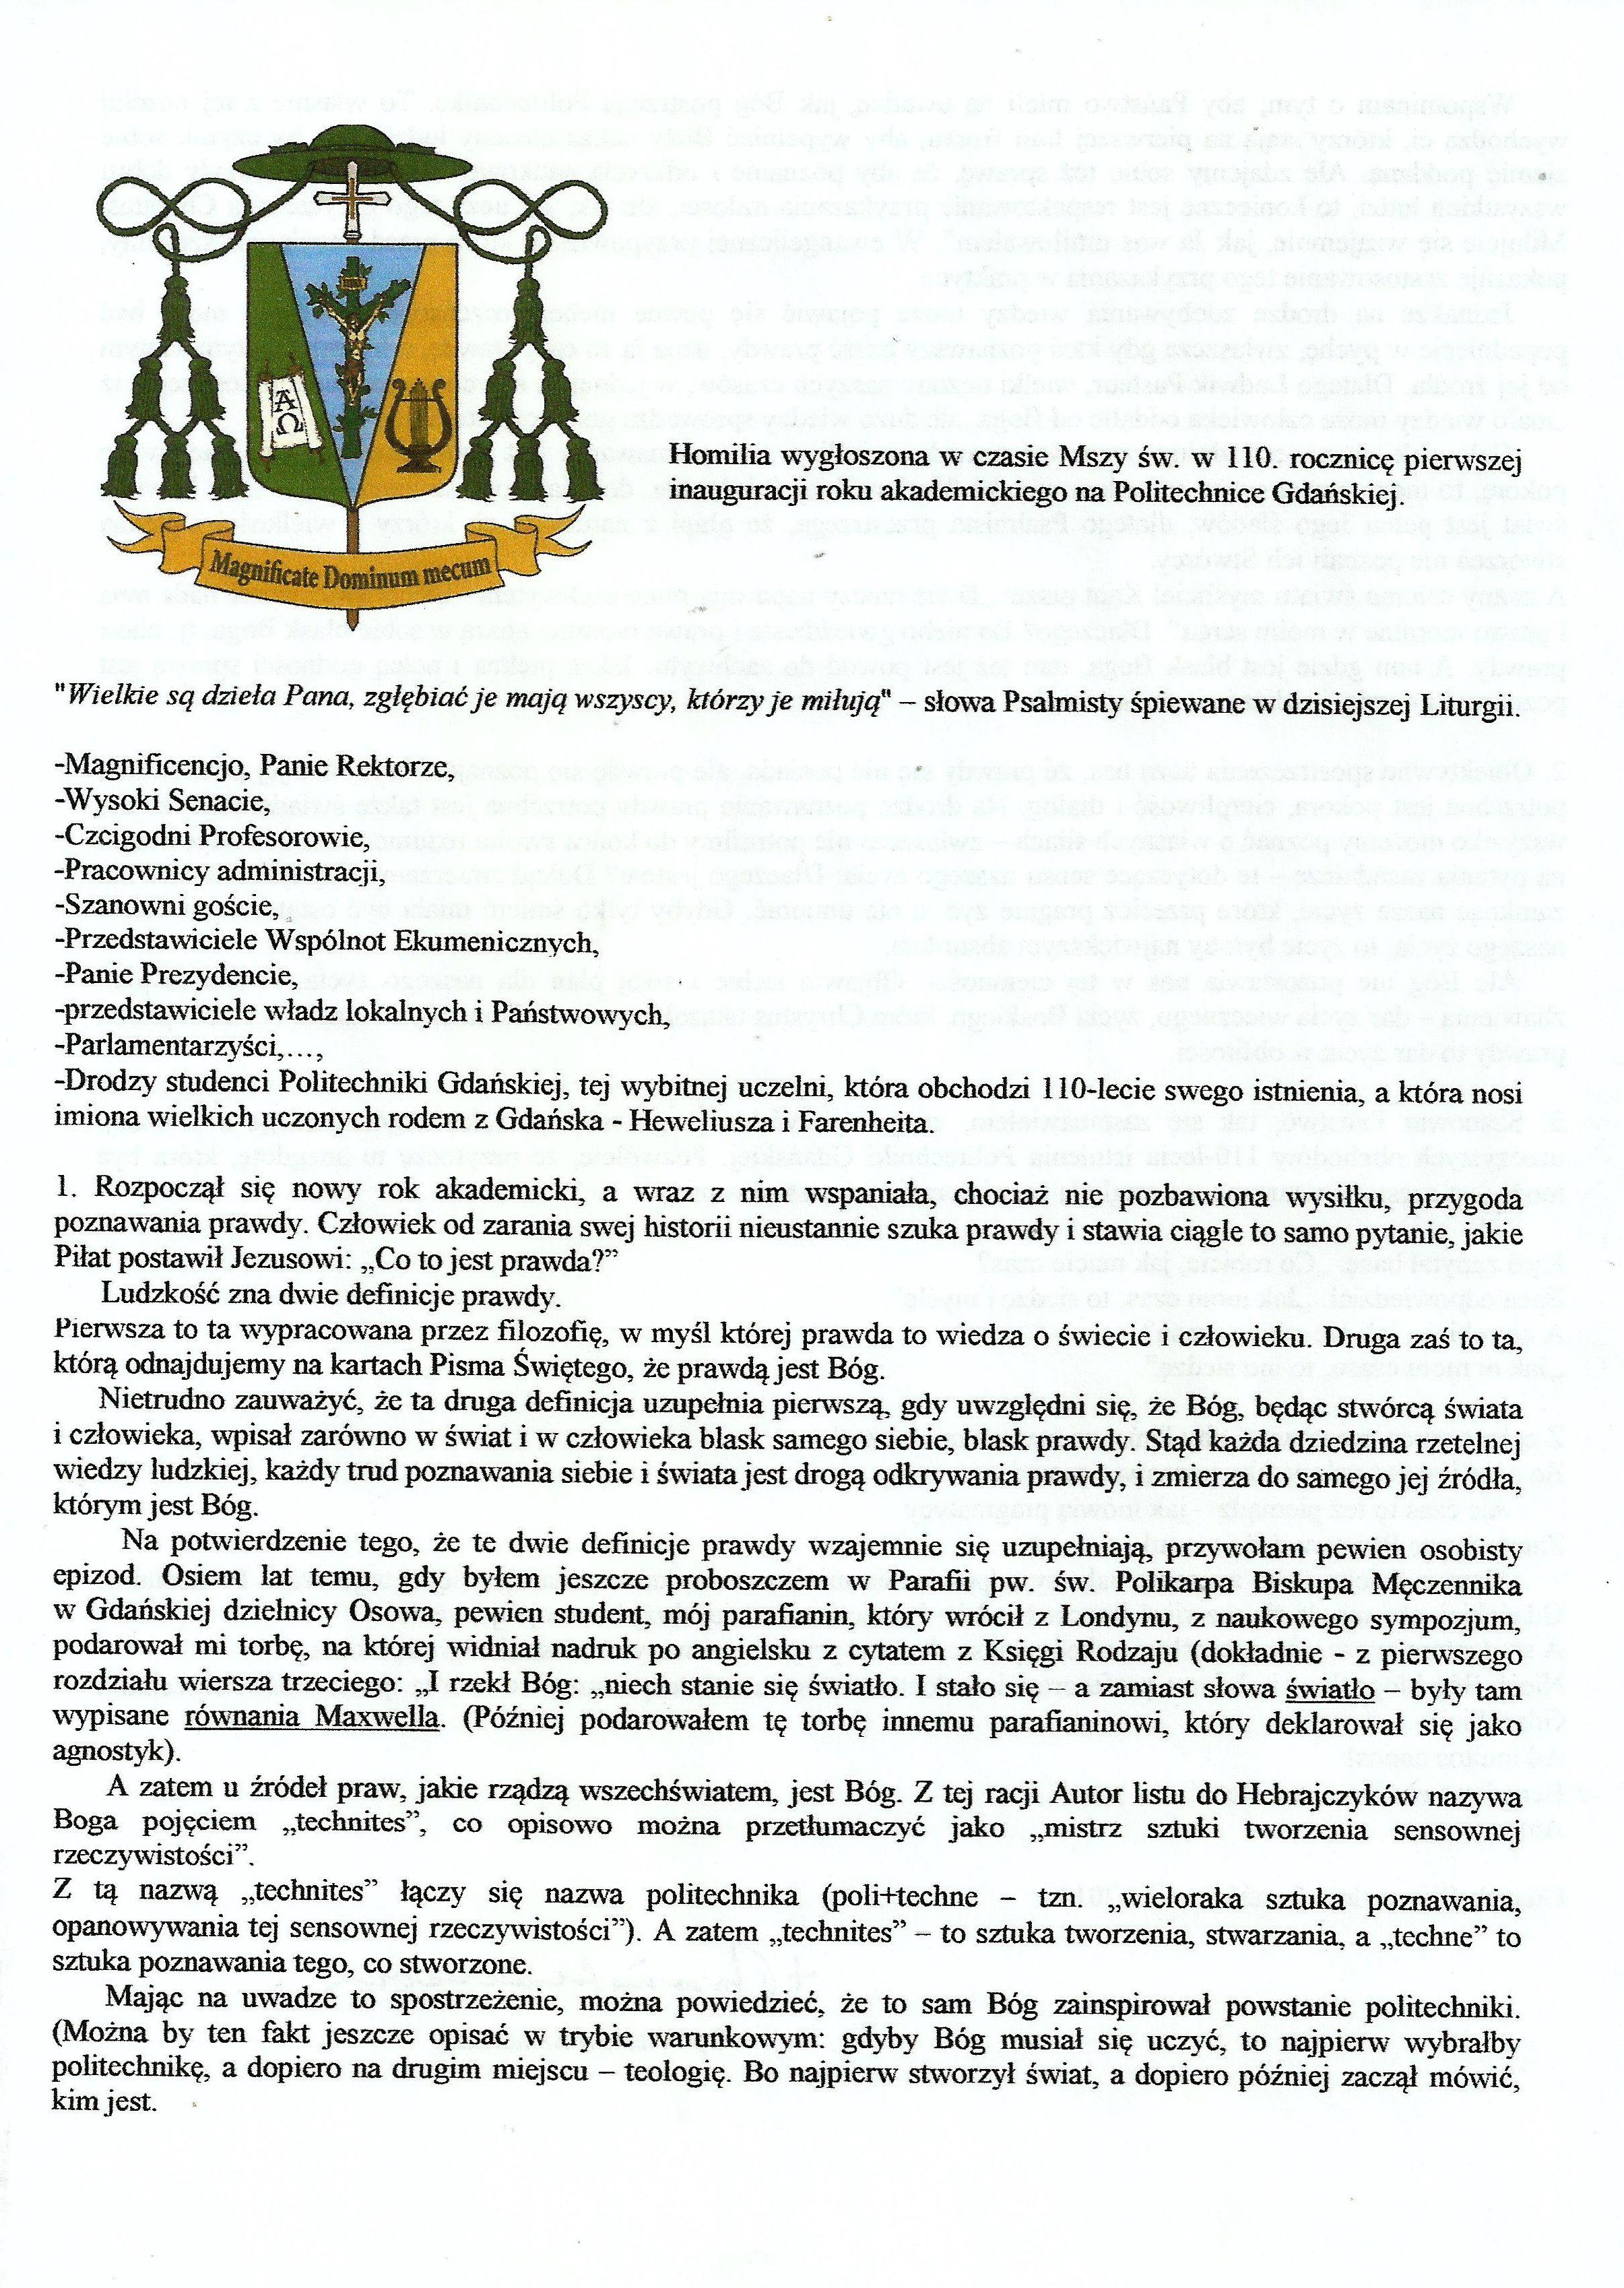 CO TO JEST PRAWDA - bp Wiesław Szlachetka0001